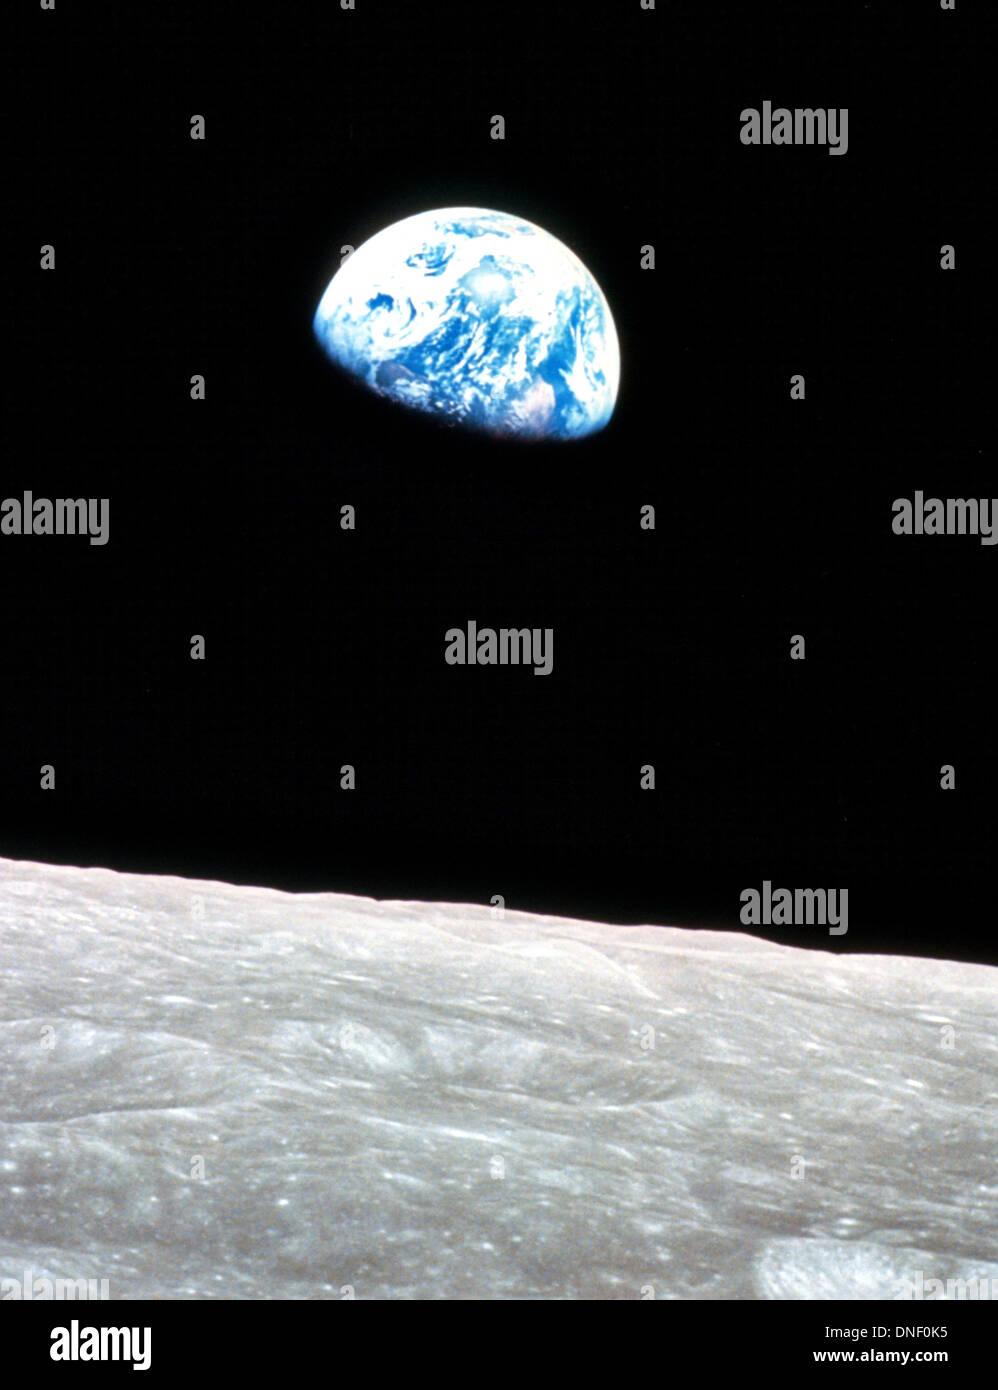 Vista della Terra con l orizzonte lunare presi da Apollo 8 astronauta William Anders come il modulo di comando arrotondato al lato più distante della luna sul dicembre 24, 1968. L'immagine noto come Earthrise è stata la prima immagine della Terra dallo spazio profondo e celebra 45 anni di Dicembre 24, 2013. Immagini Stock